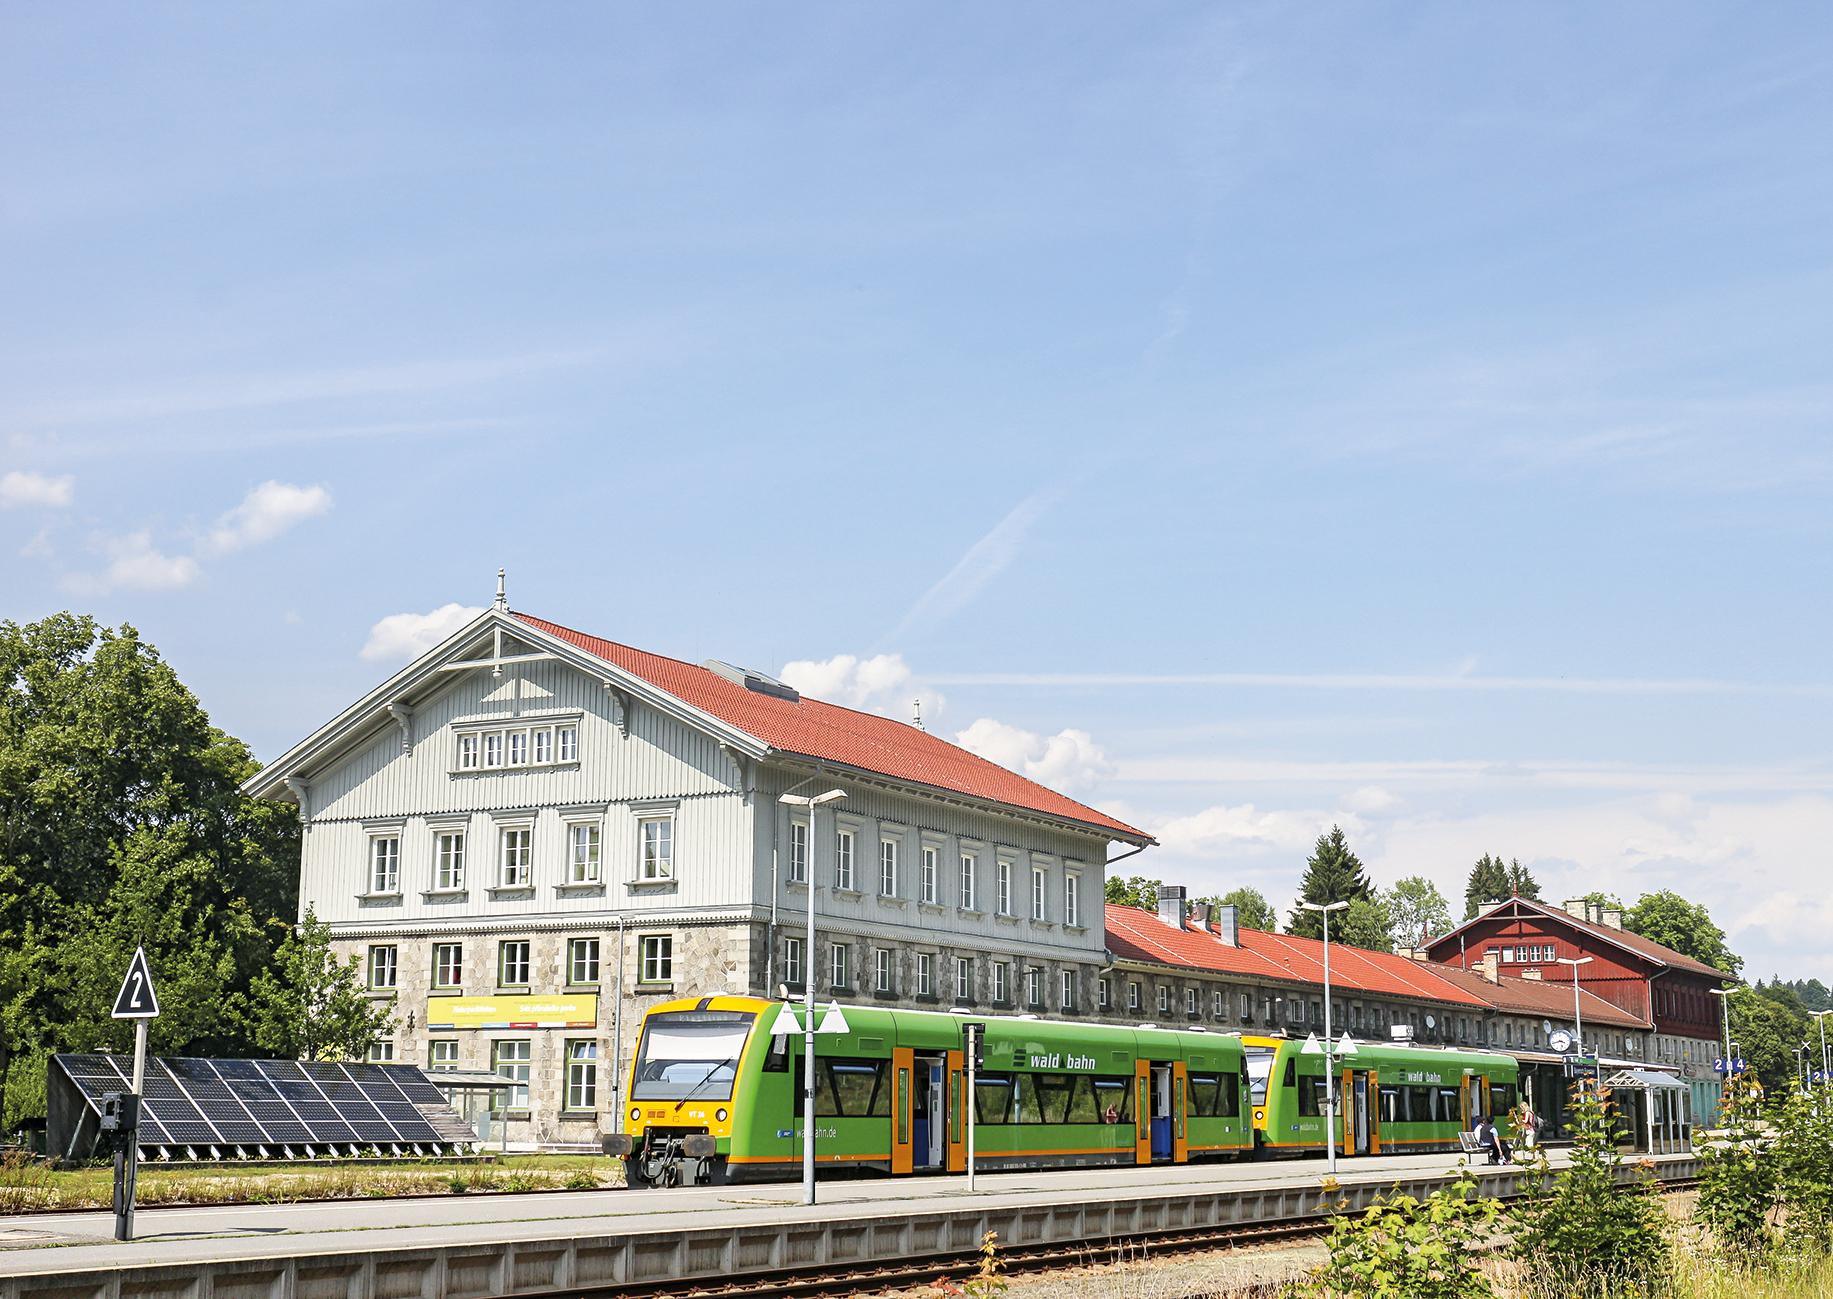 Bahnhofsgebäude, davor ein Regionalzug, seitlich eine Solaranlage